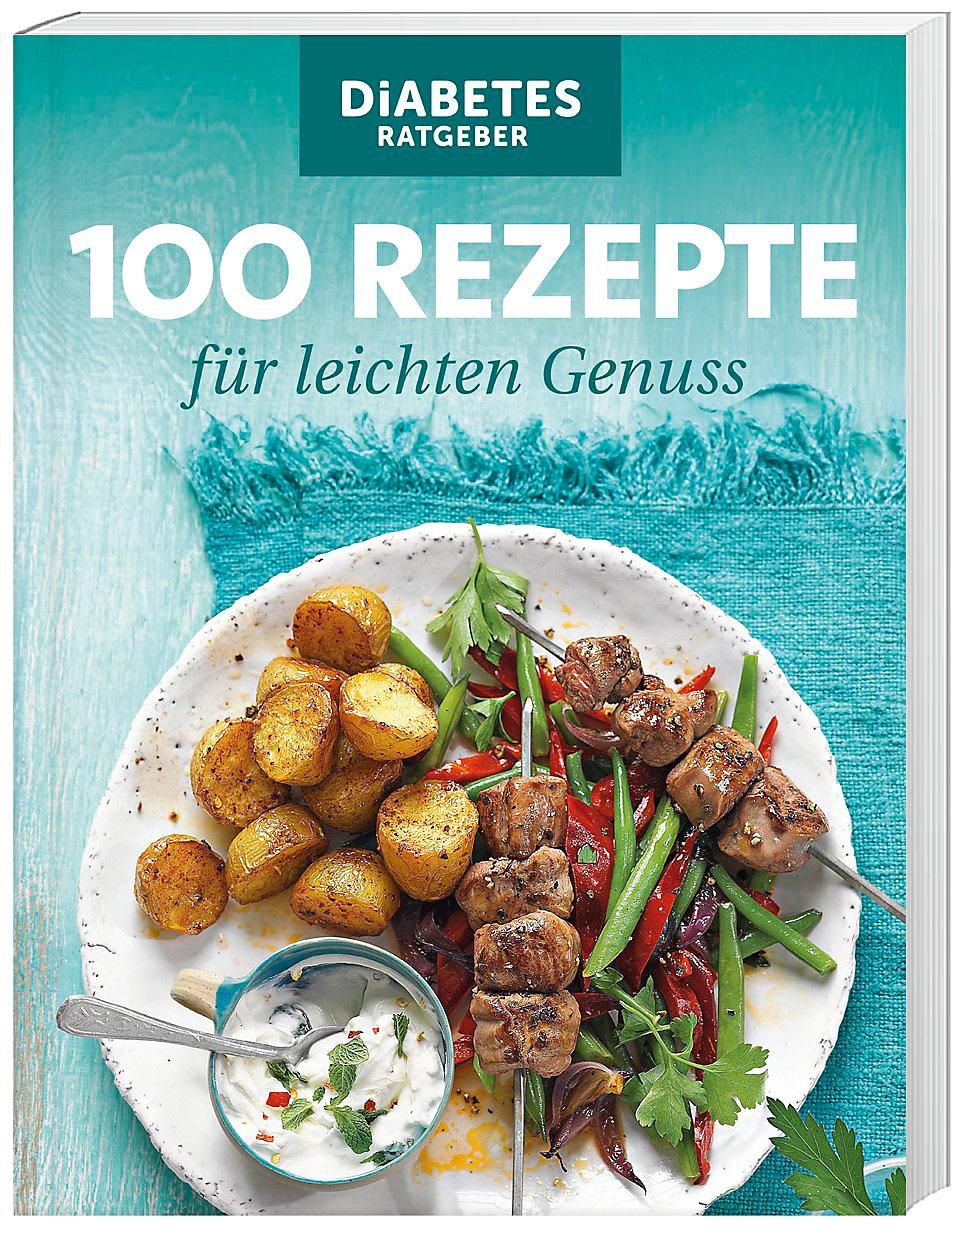 Diabetes ratgeber 100 rezepte leichte saisonale küche